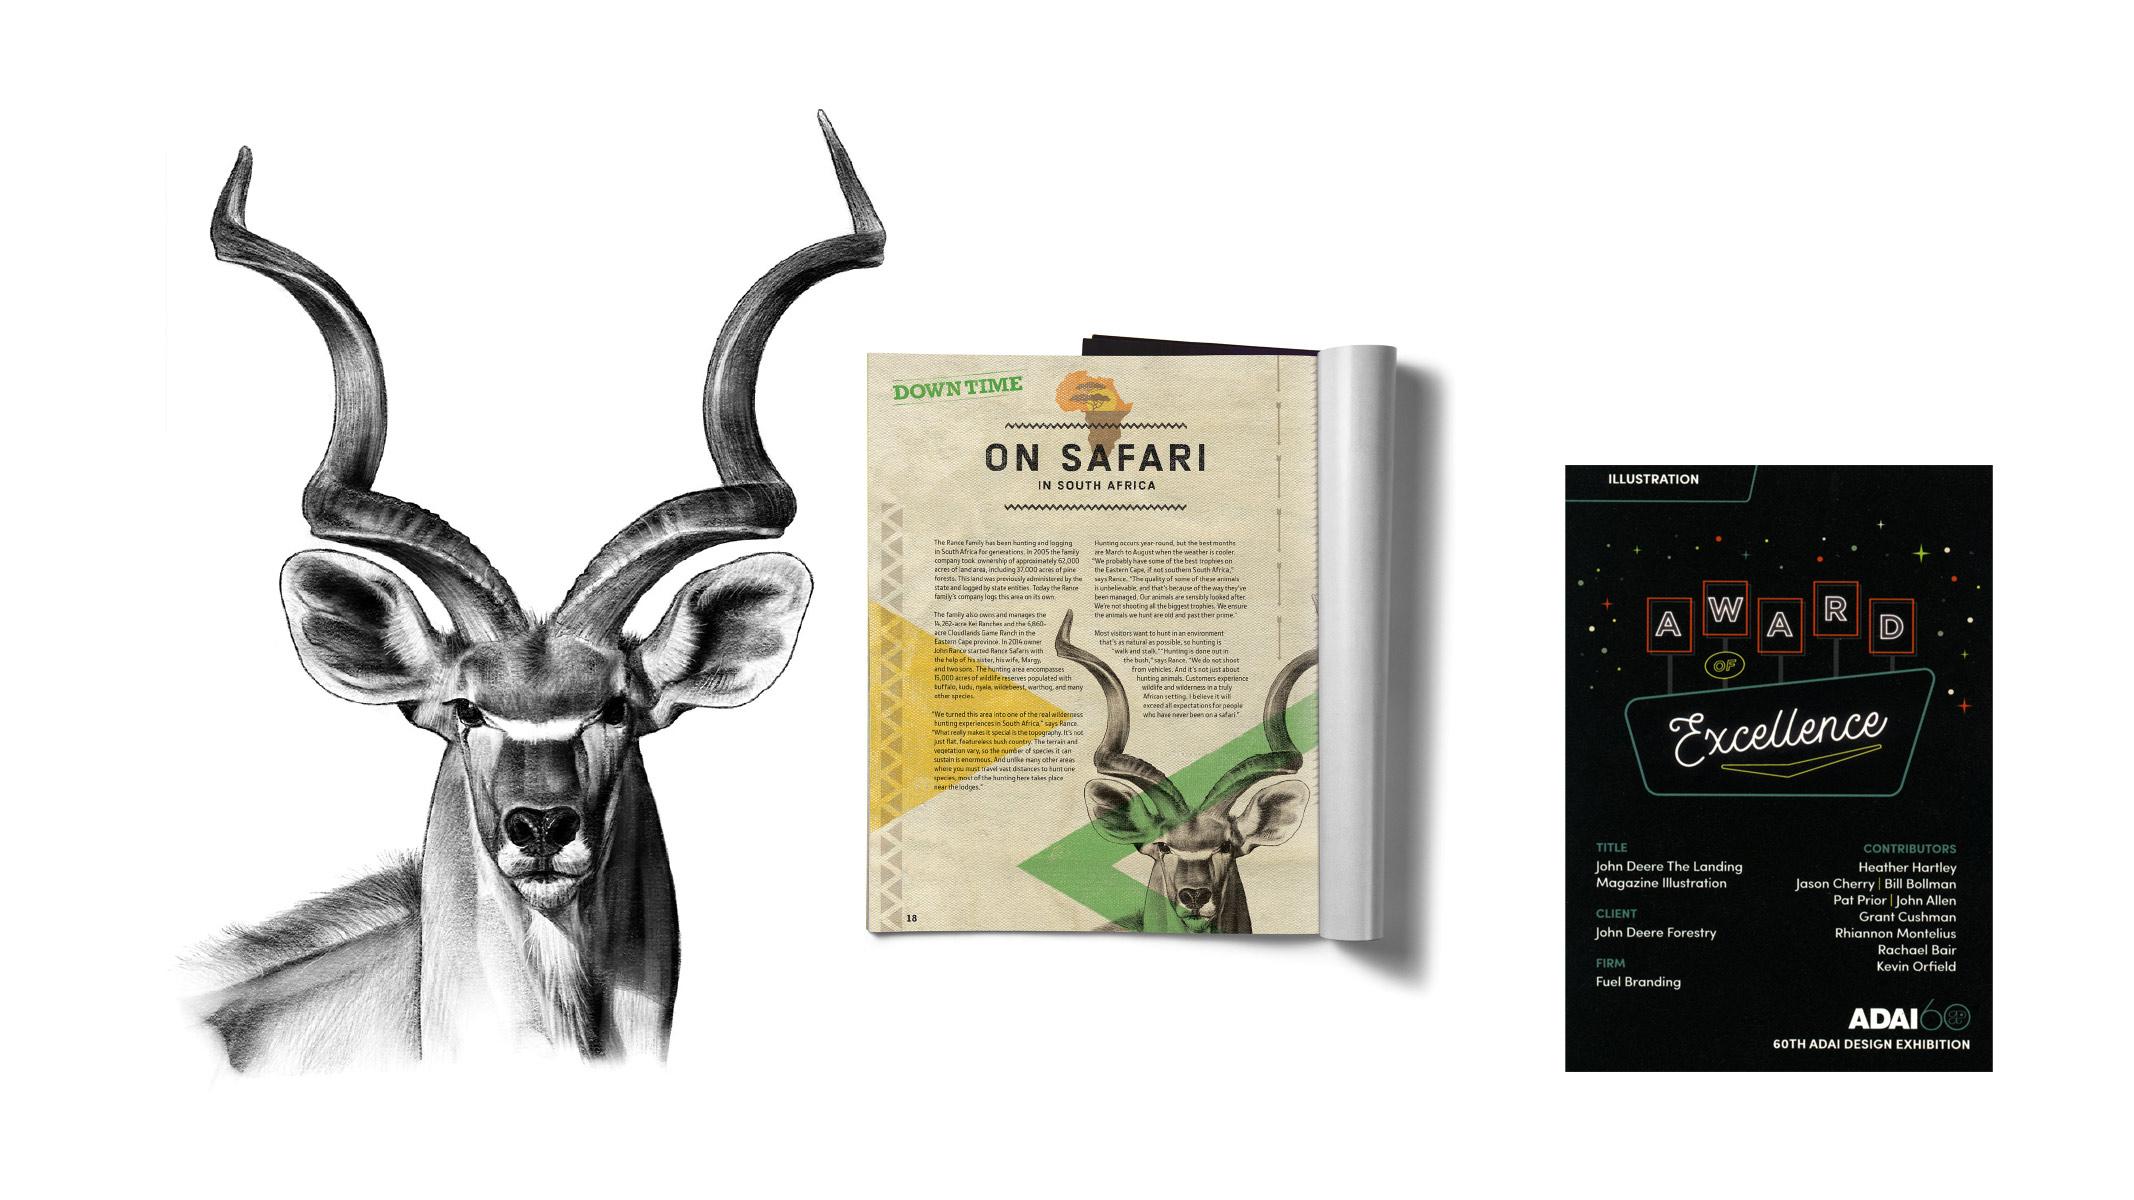 fuel branding kadu illustration for john deere's the landing